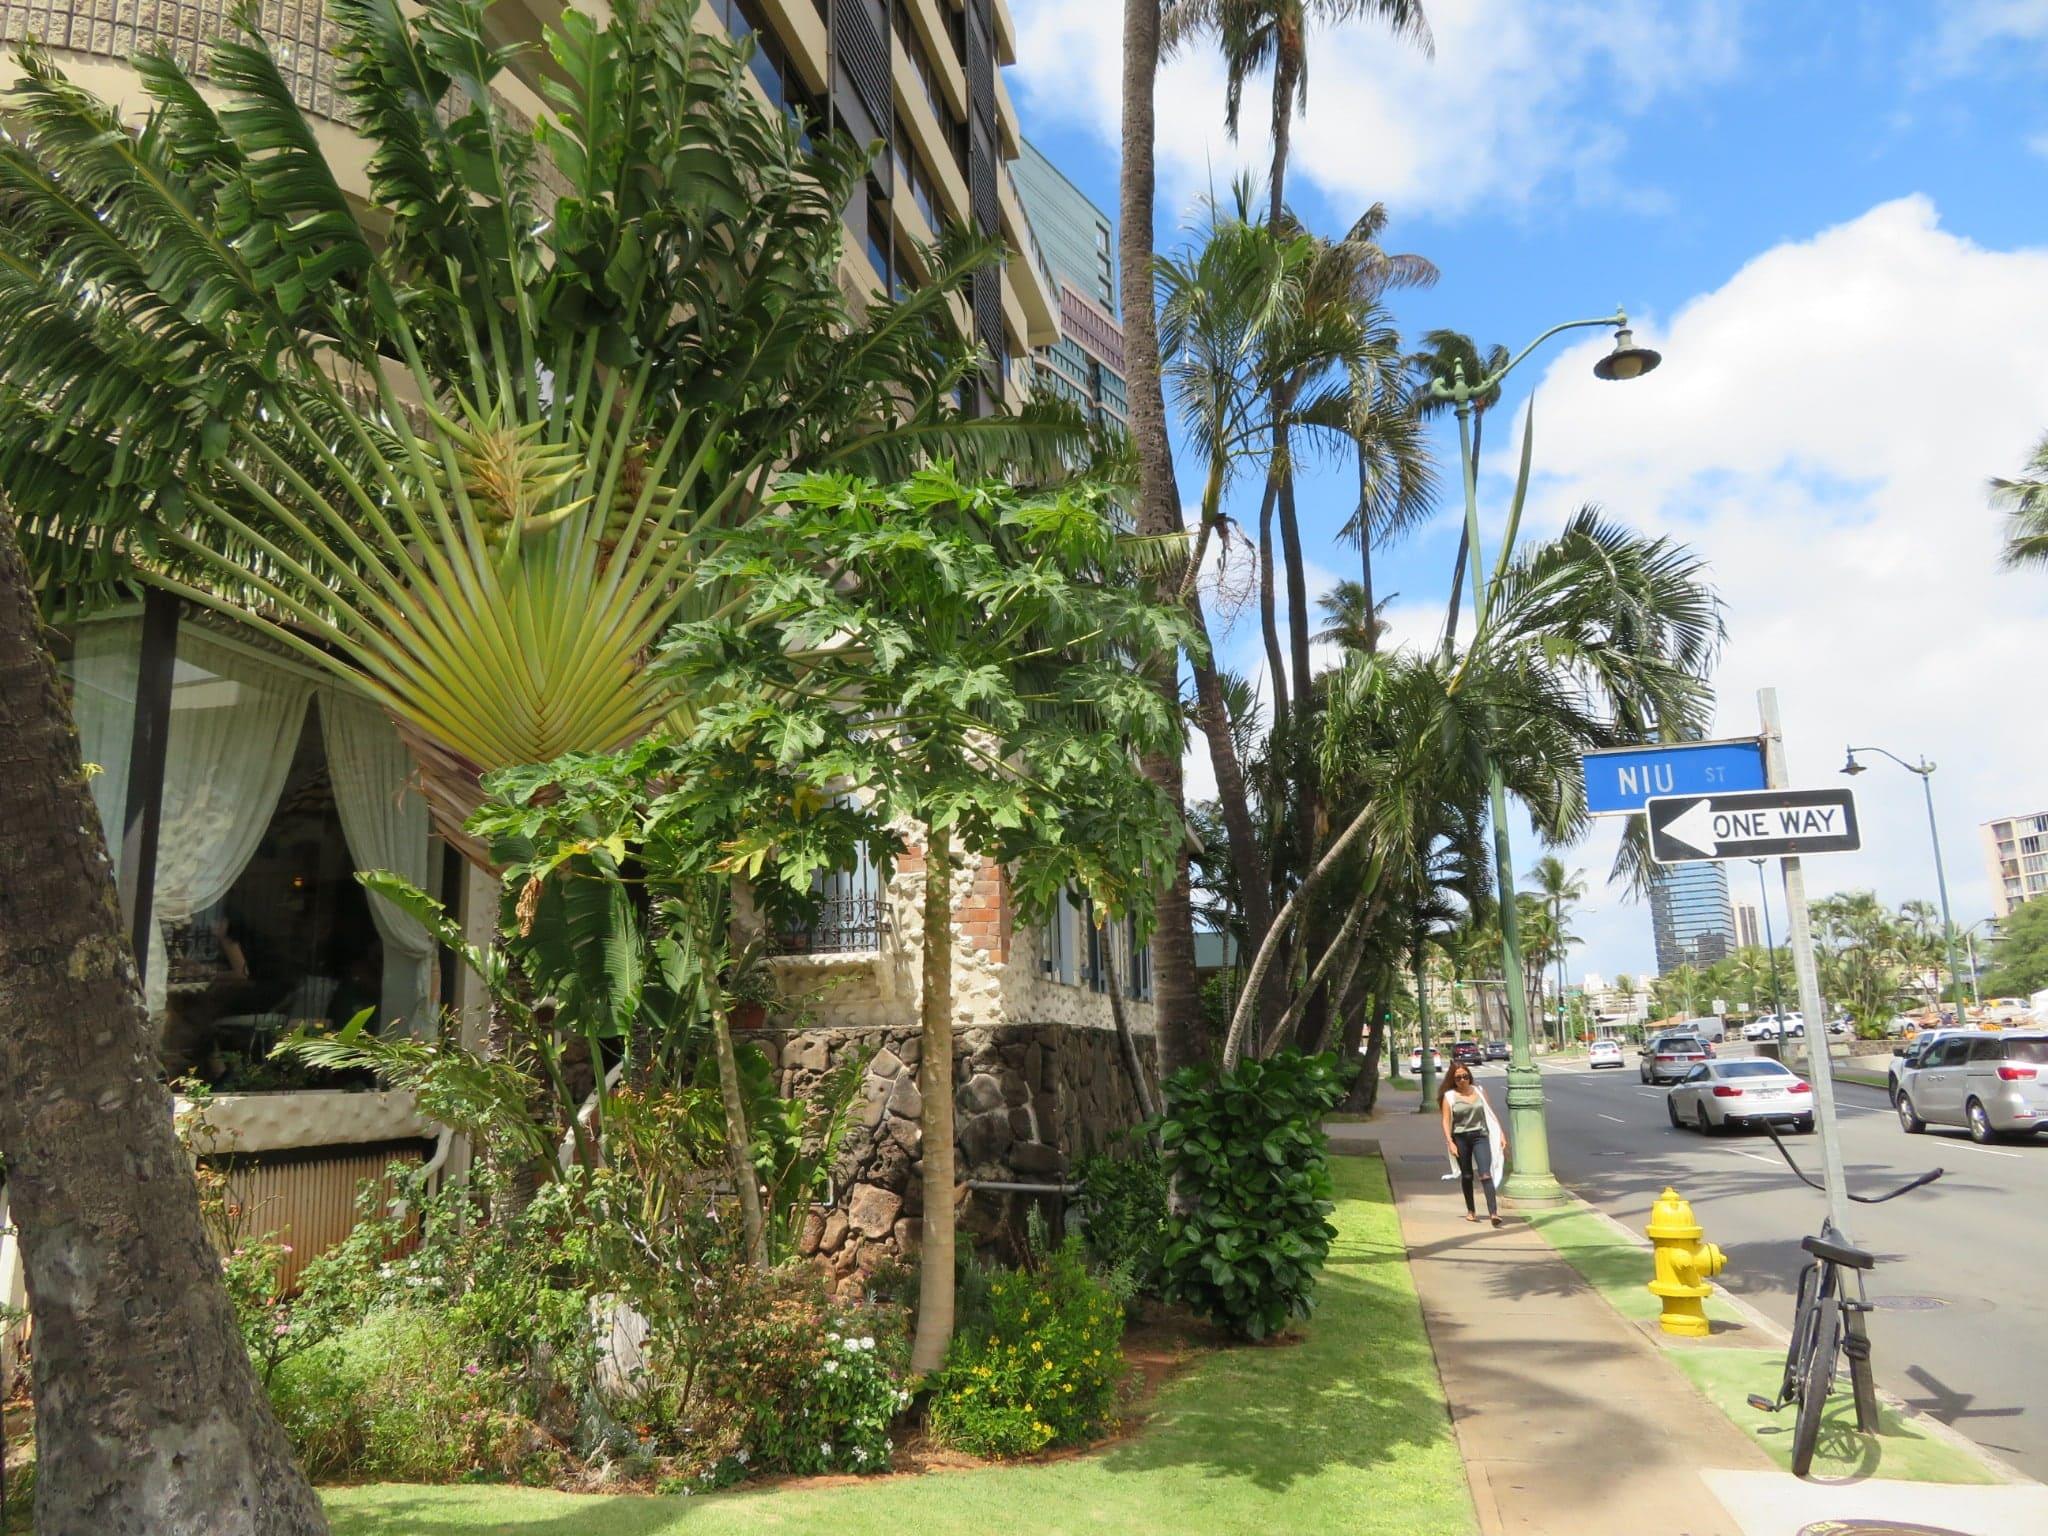 ハワイアンモナーク / Hawaiian Monarch